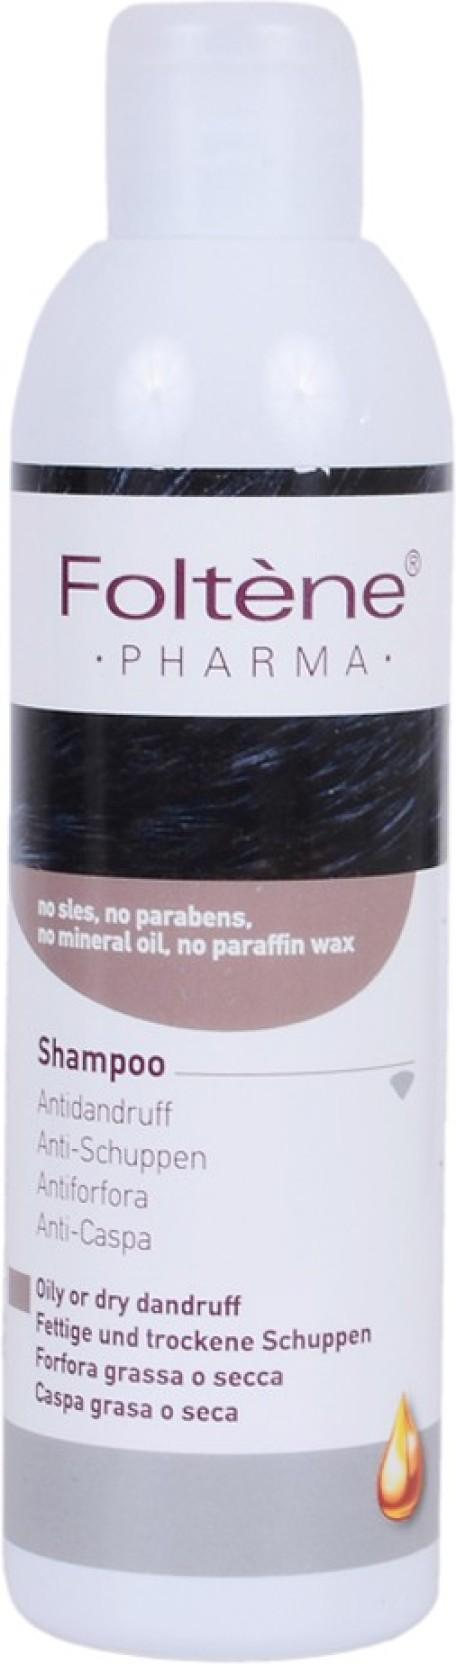 Foltene Anti Dandruff Shampoo, for oily or dry dandruff - Price in ...